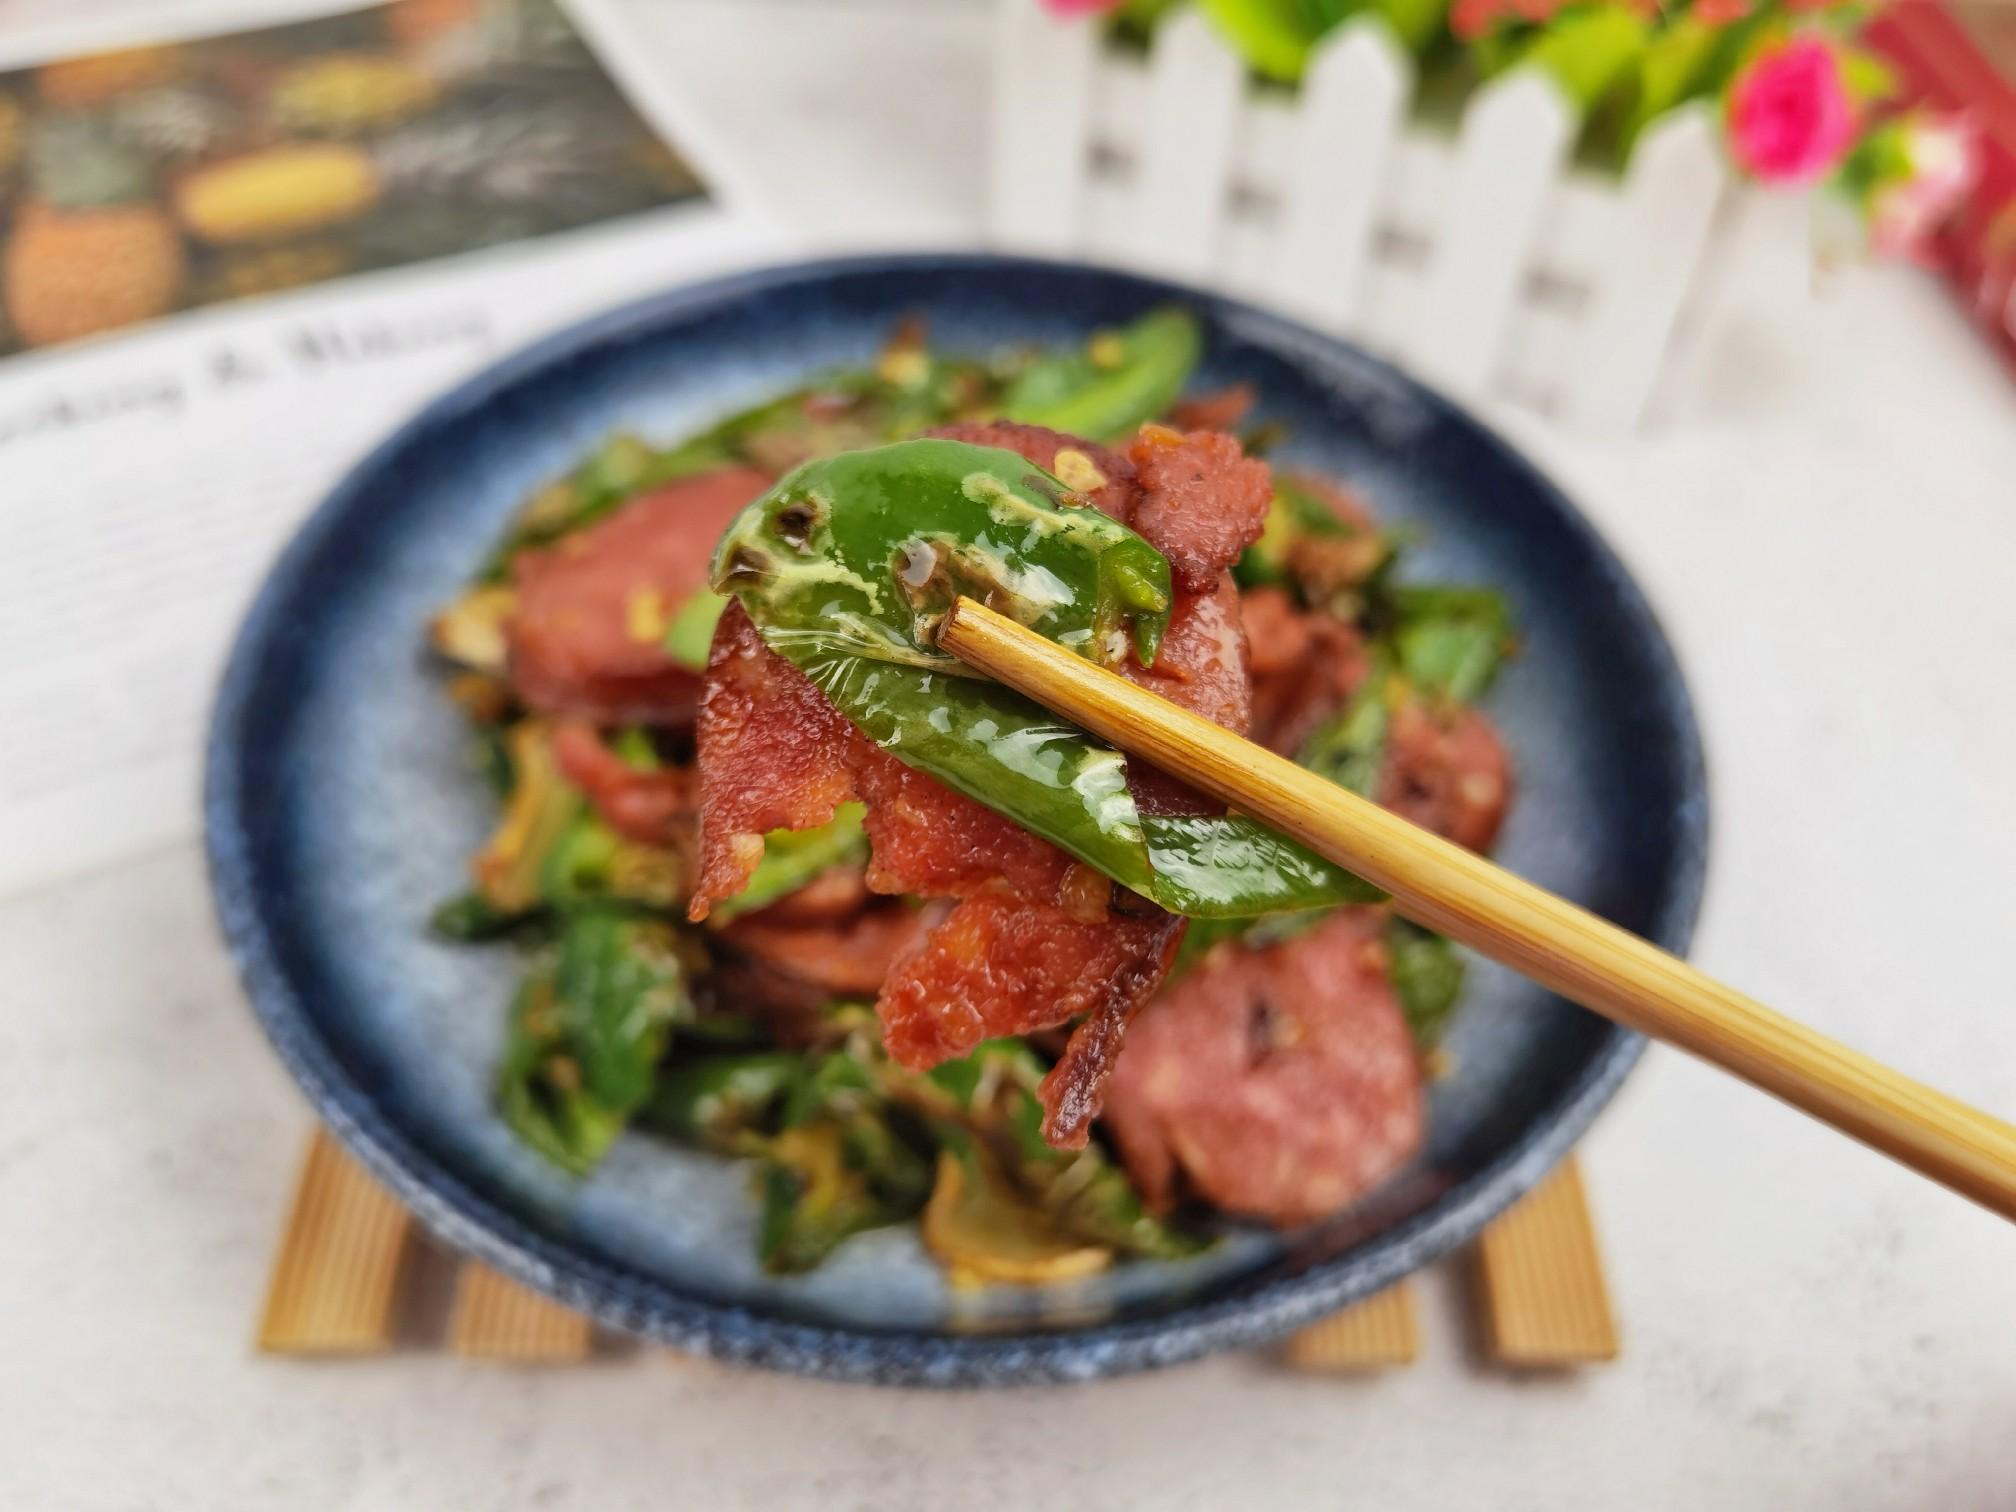 10分钟速成下饭菜-香肠炒辣椒,炒1盘下两三碗米饭怎么炖